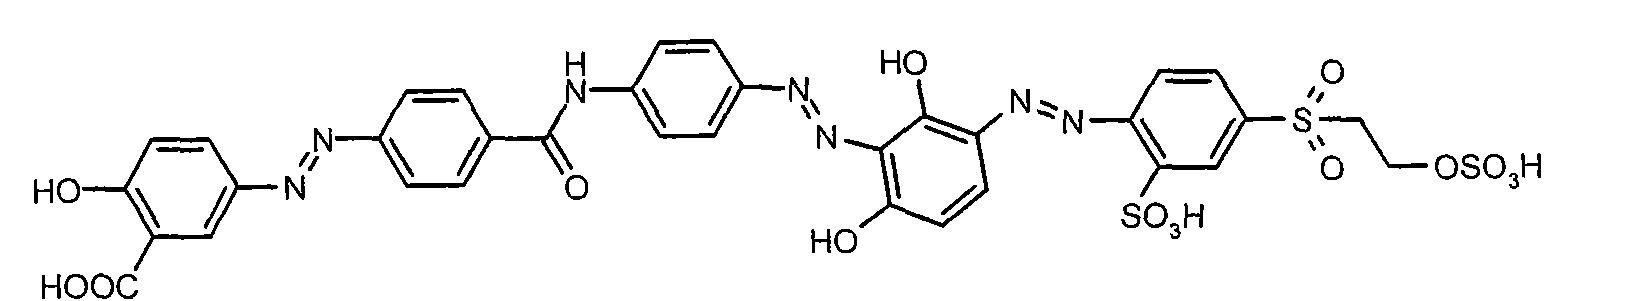 Figure CN101891967BD00832